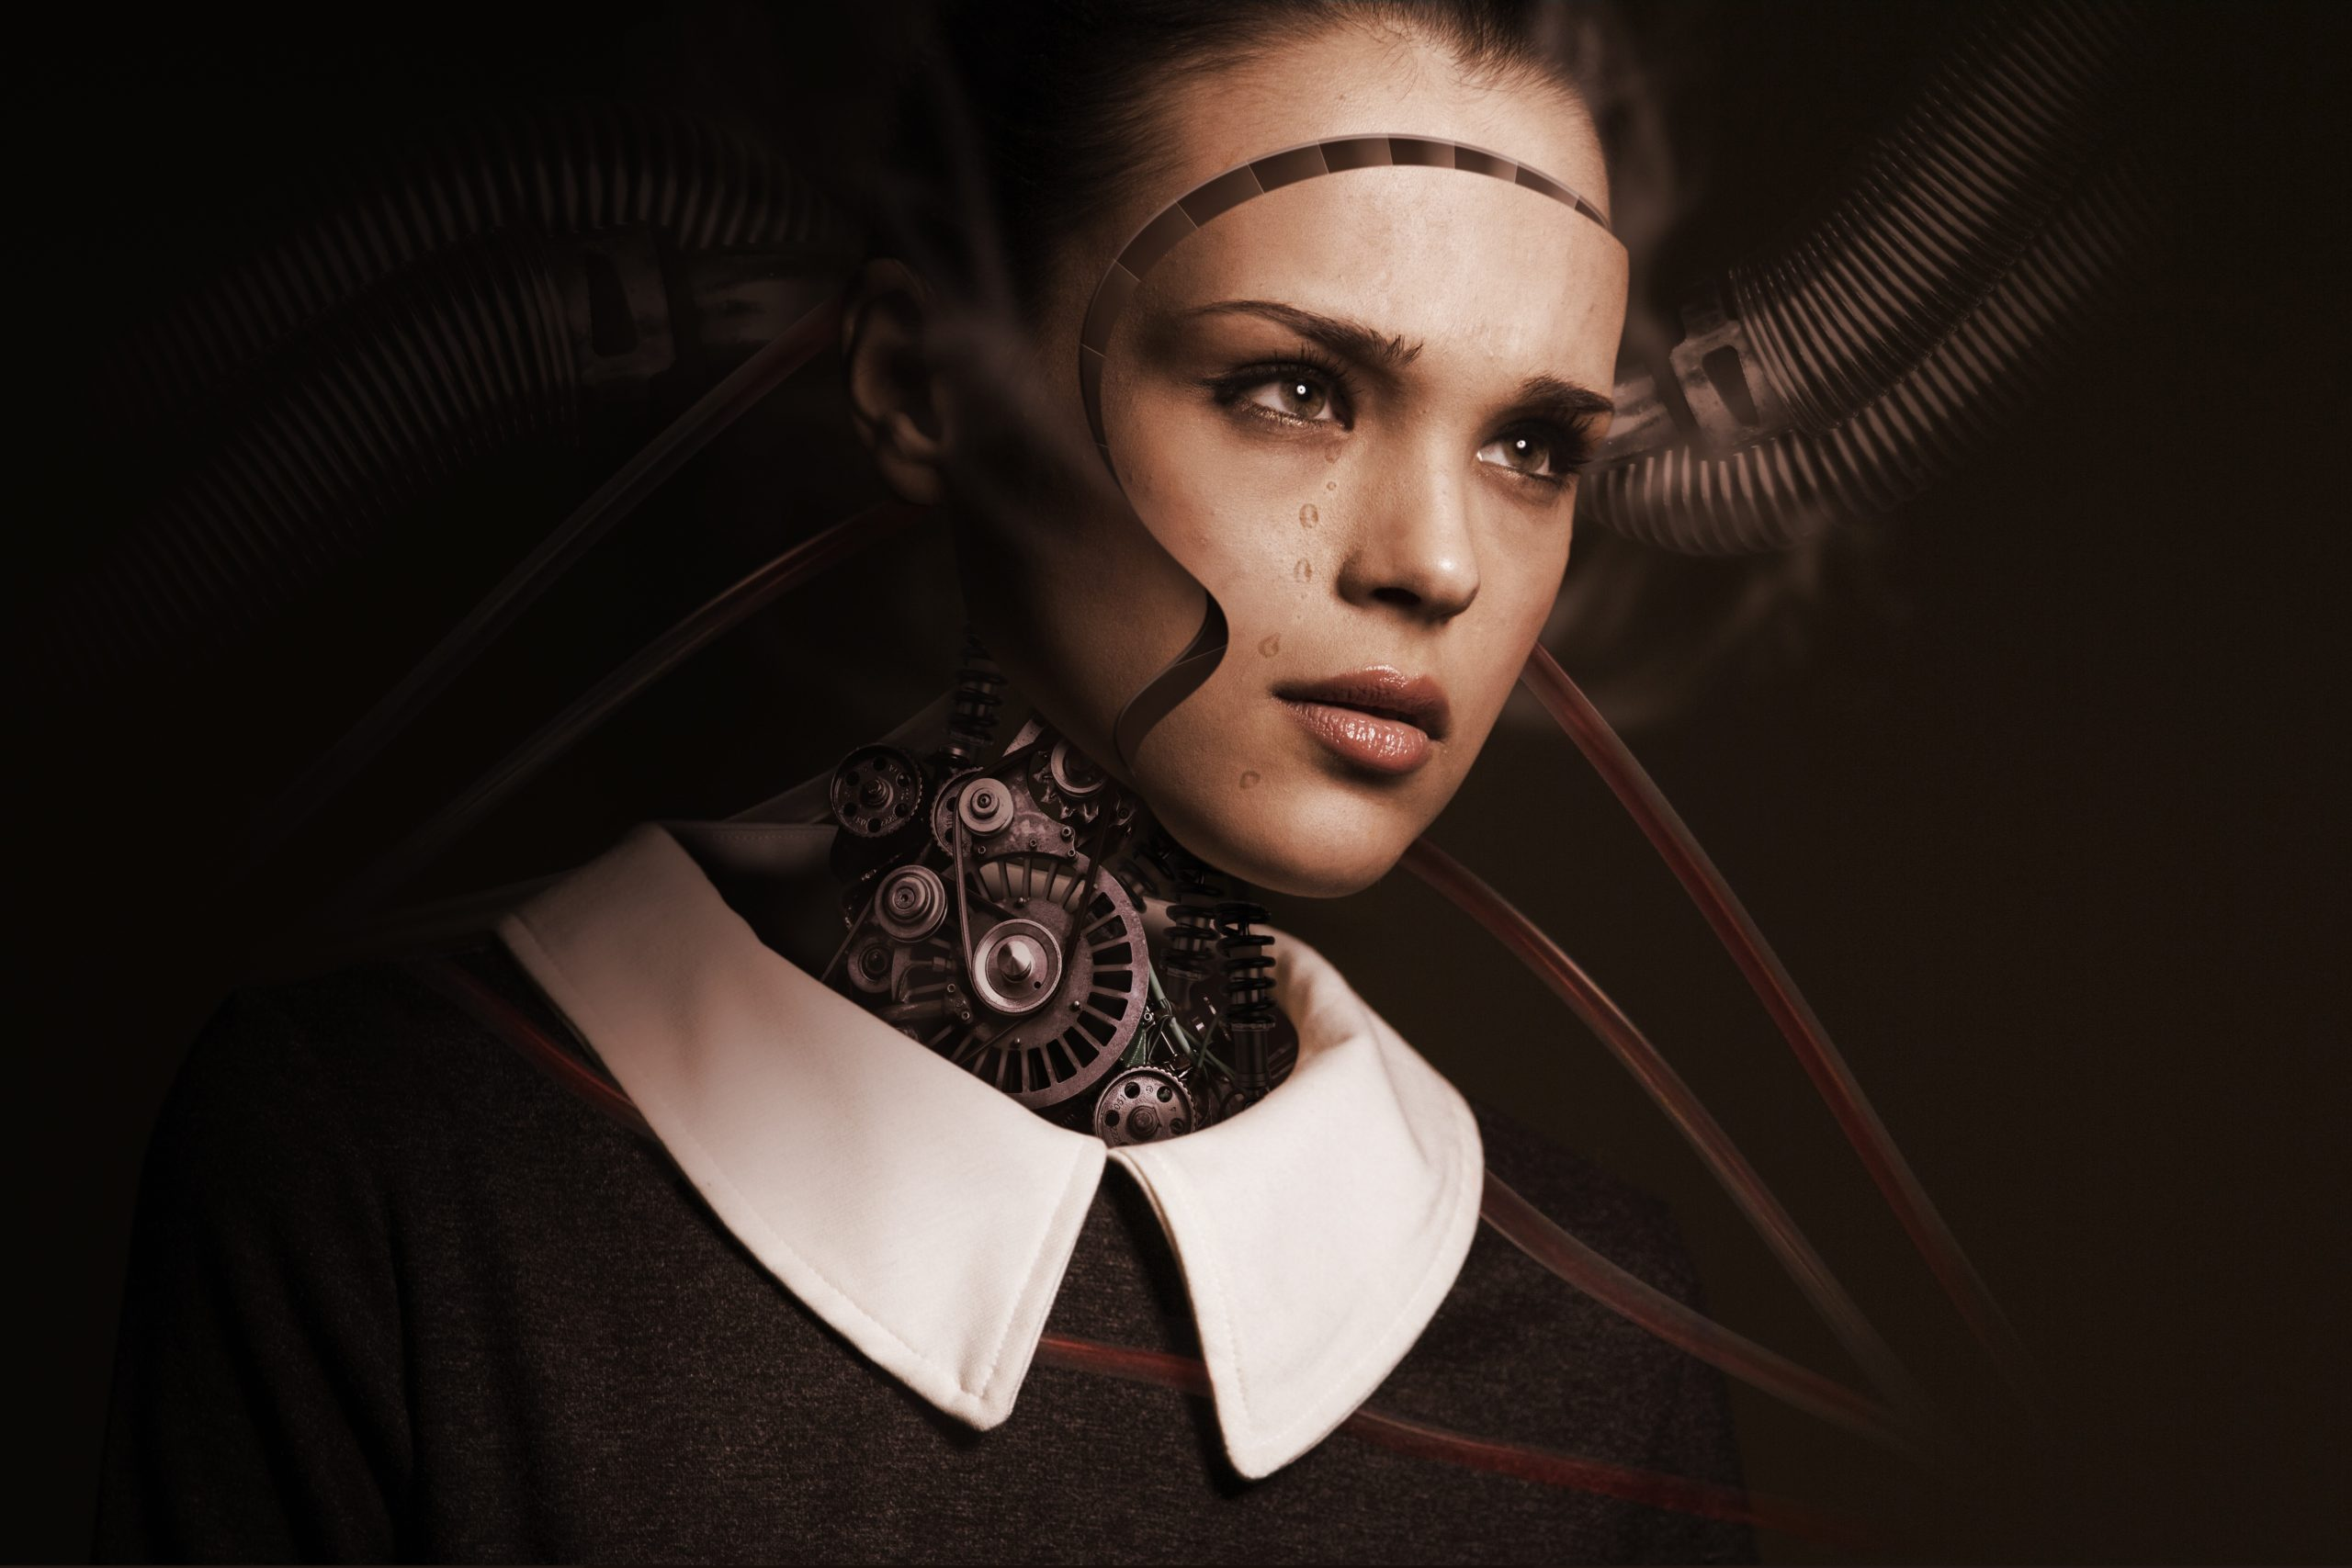 Любые проблемы человечества решаются технологиями?